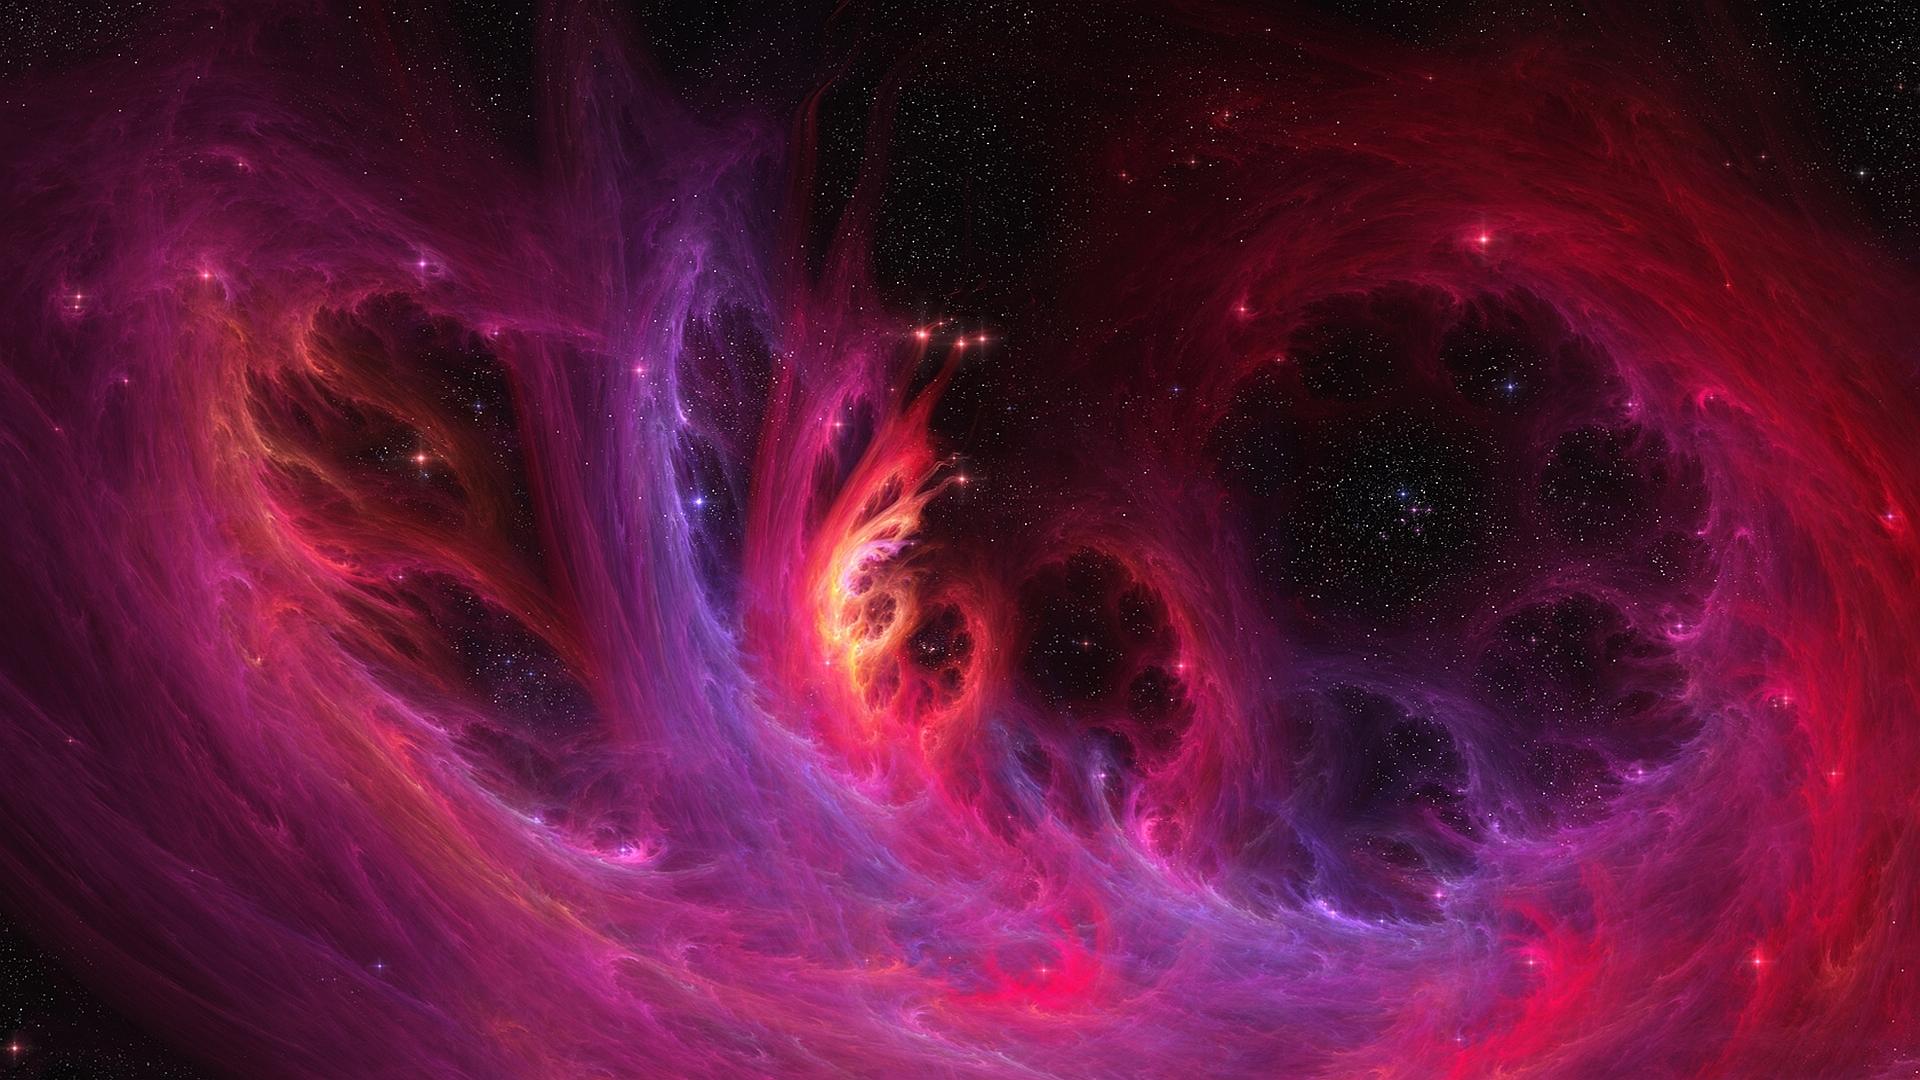 背景 壁纸 皮肤 星空 宇宙 桌面 1920_1080图片